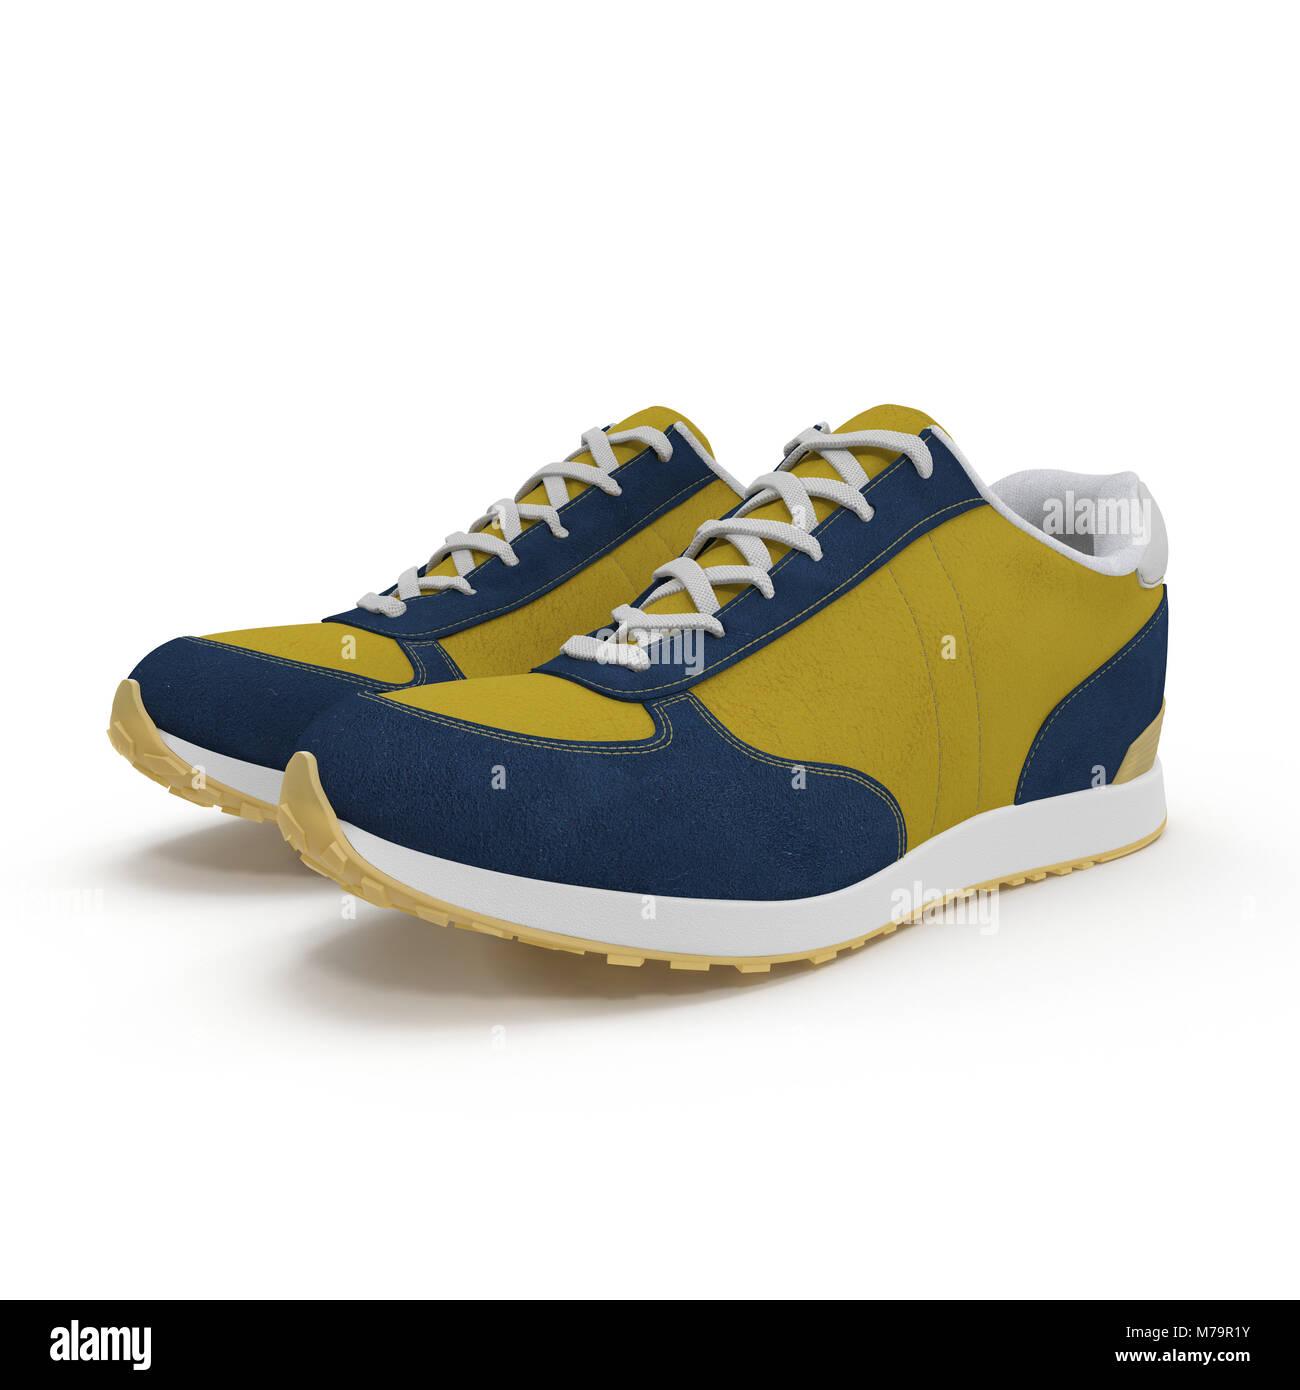 Fantastisch 3d Schuh Vorlage Bilder - Beispielzusammenfassung Ideen ...